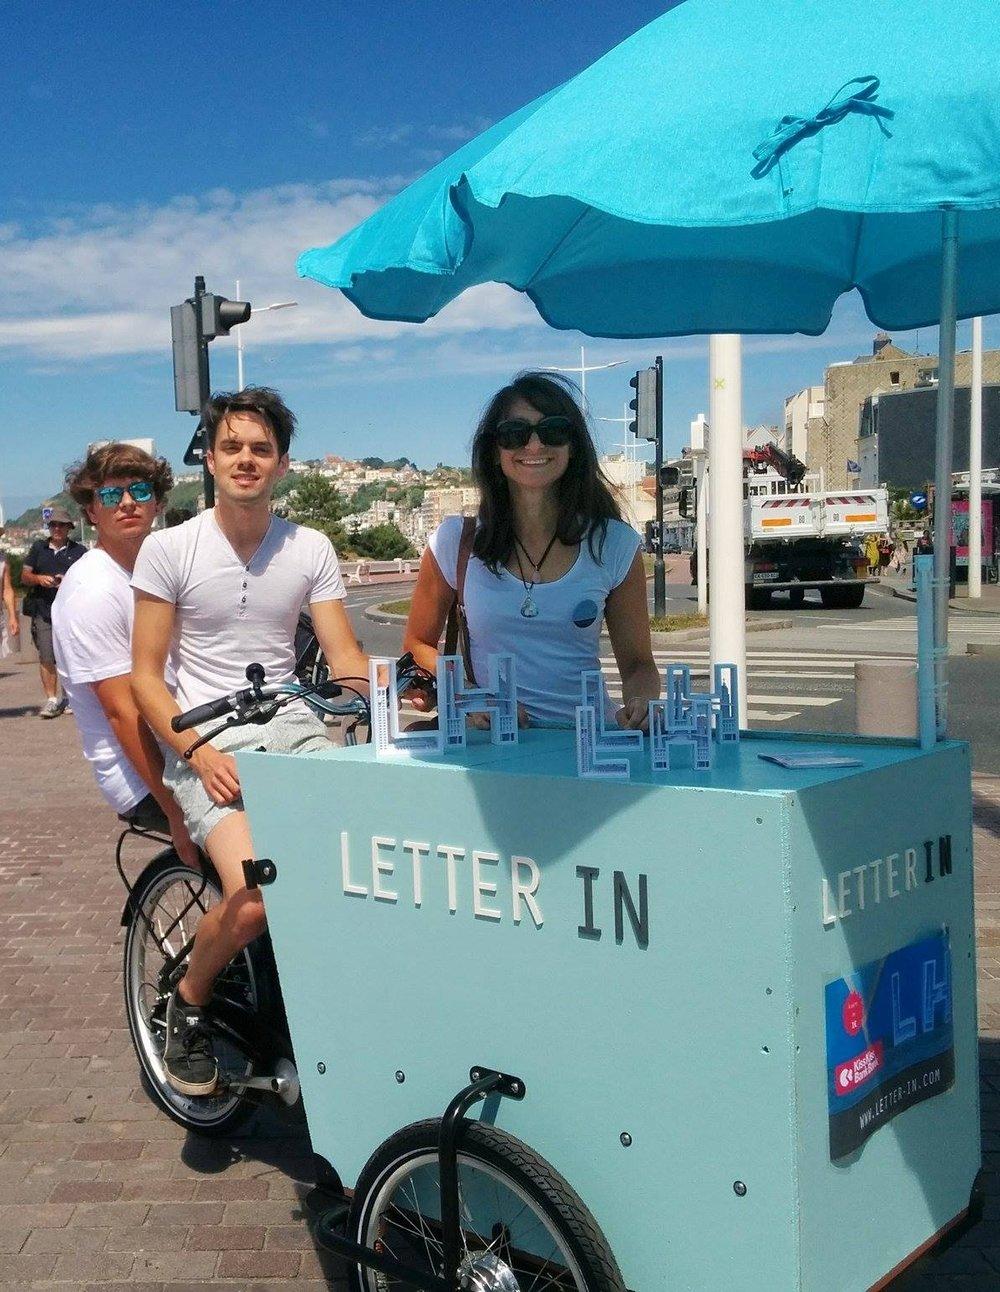 Le+triporteur+Letter+IN